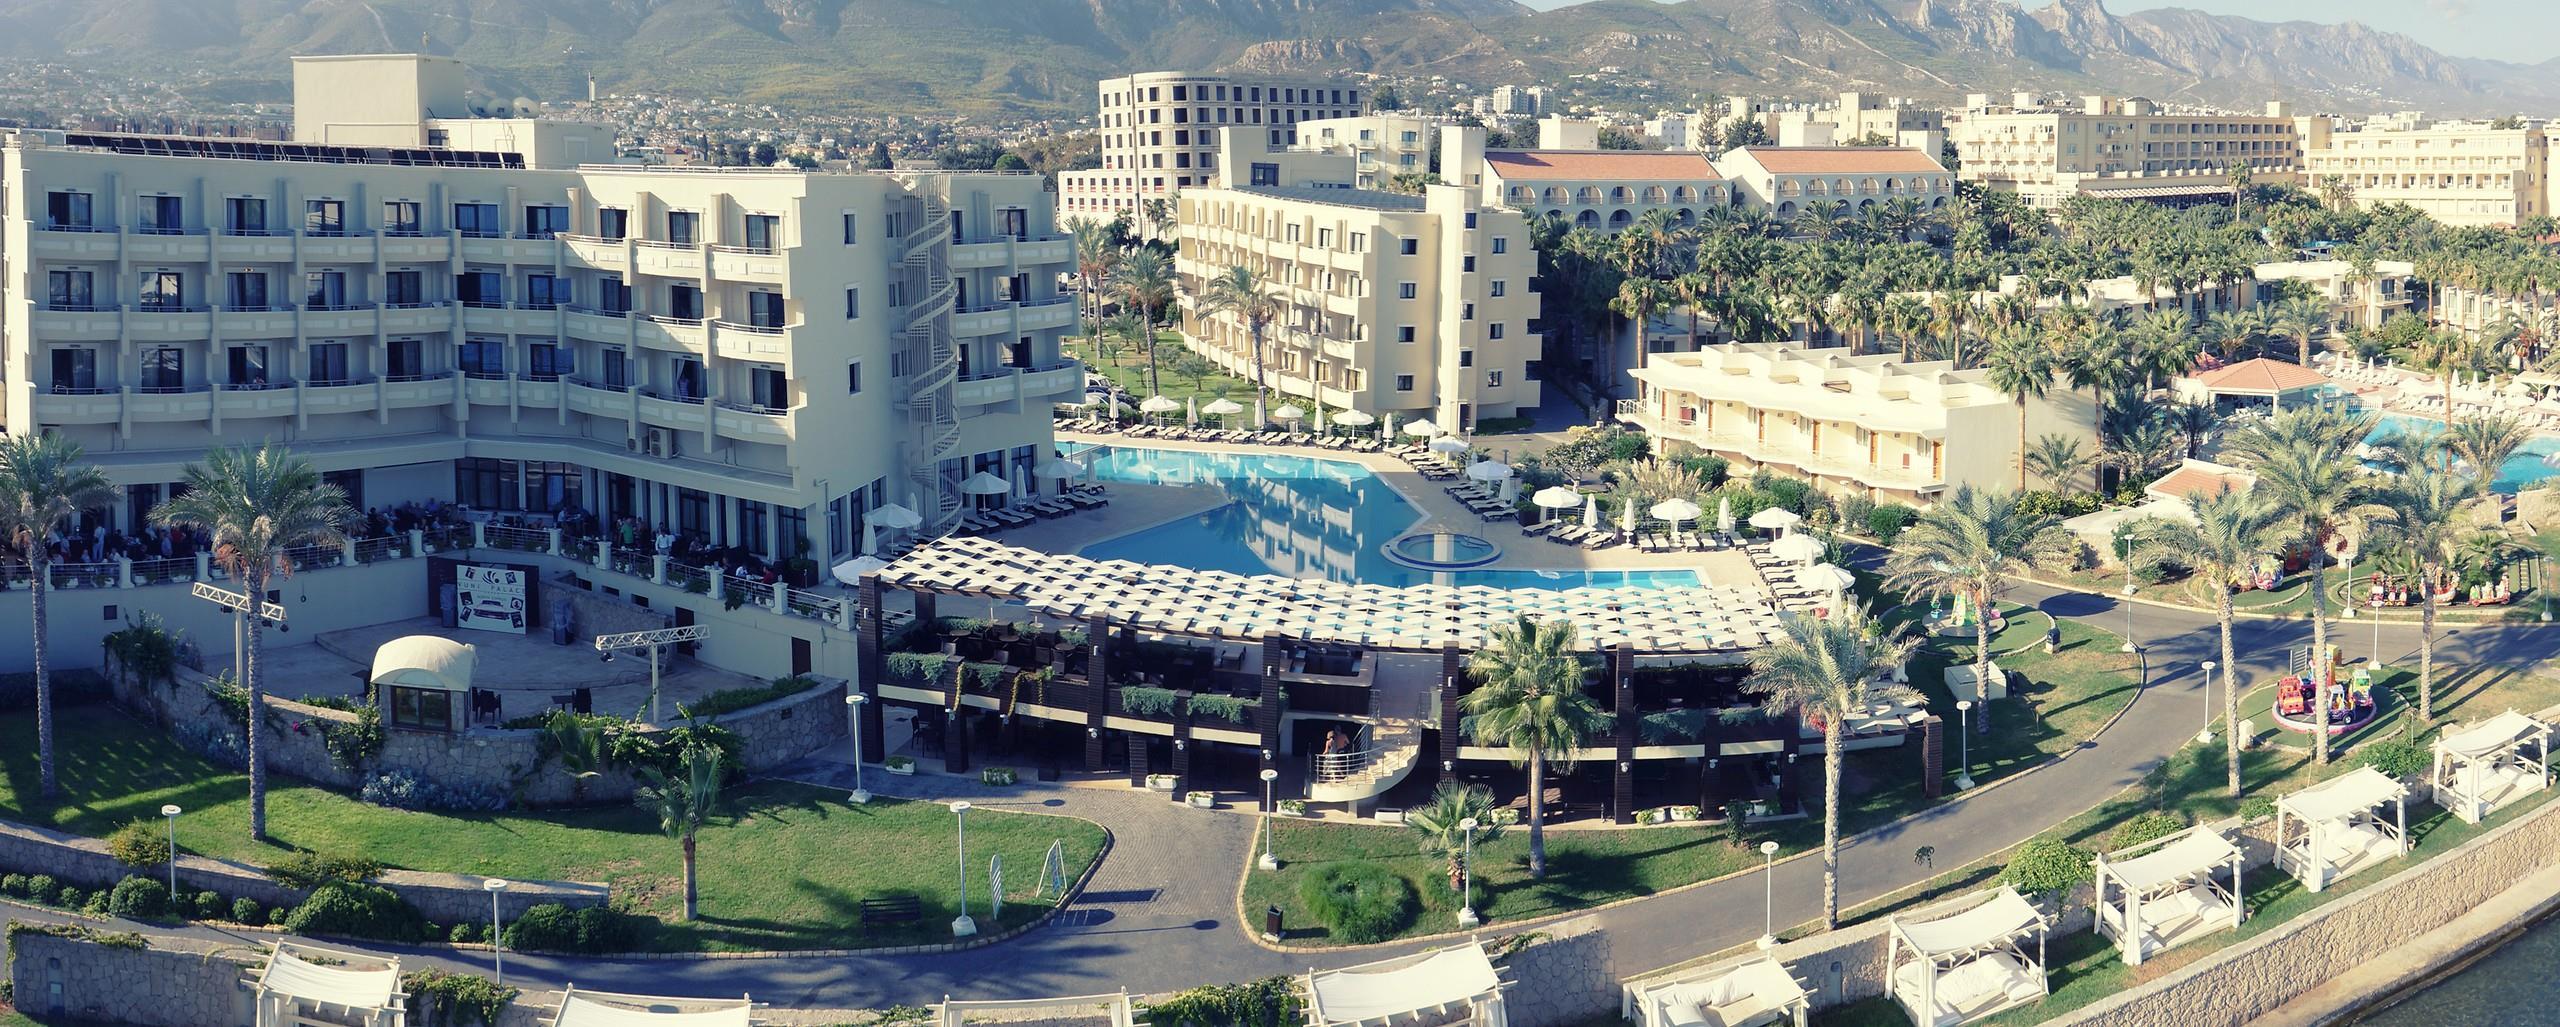 Vuni Palace Hotel205206